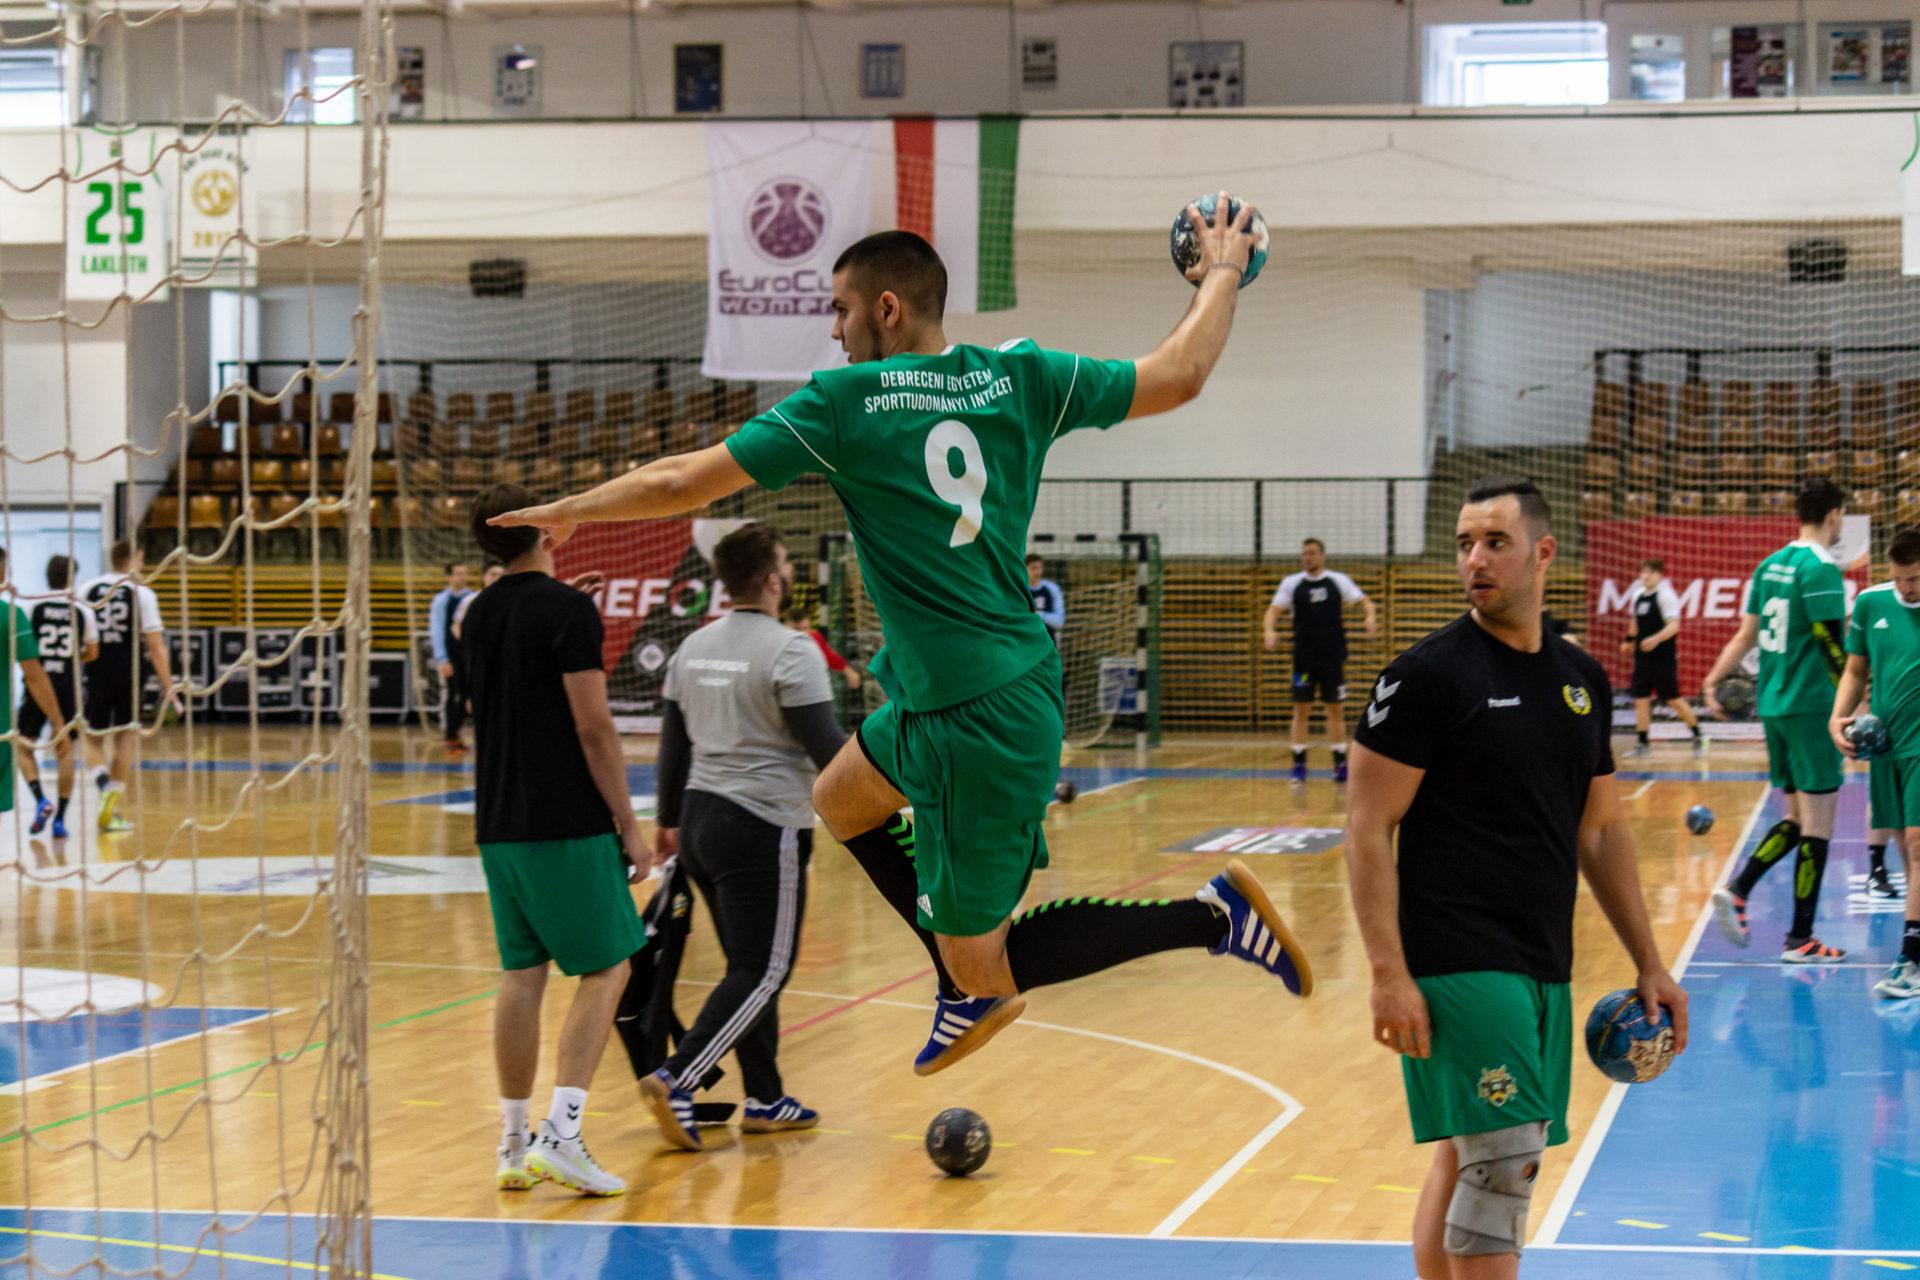 Debreceni helytállás a kézilabda egyetemi bajnokságban